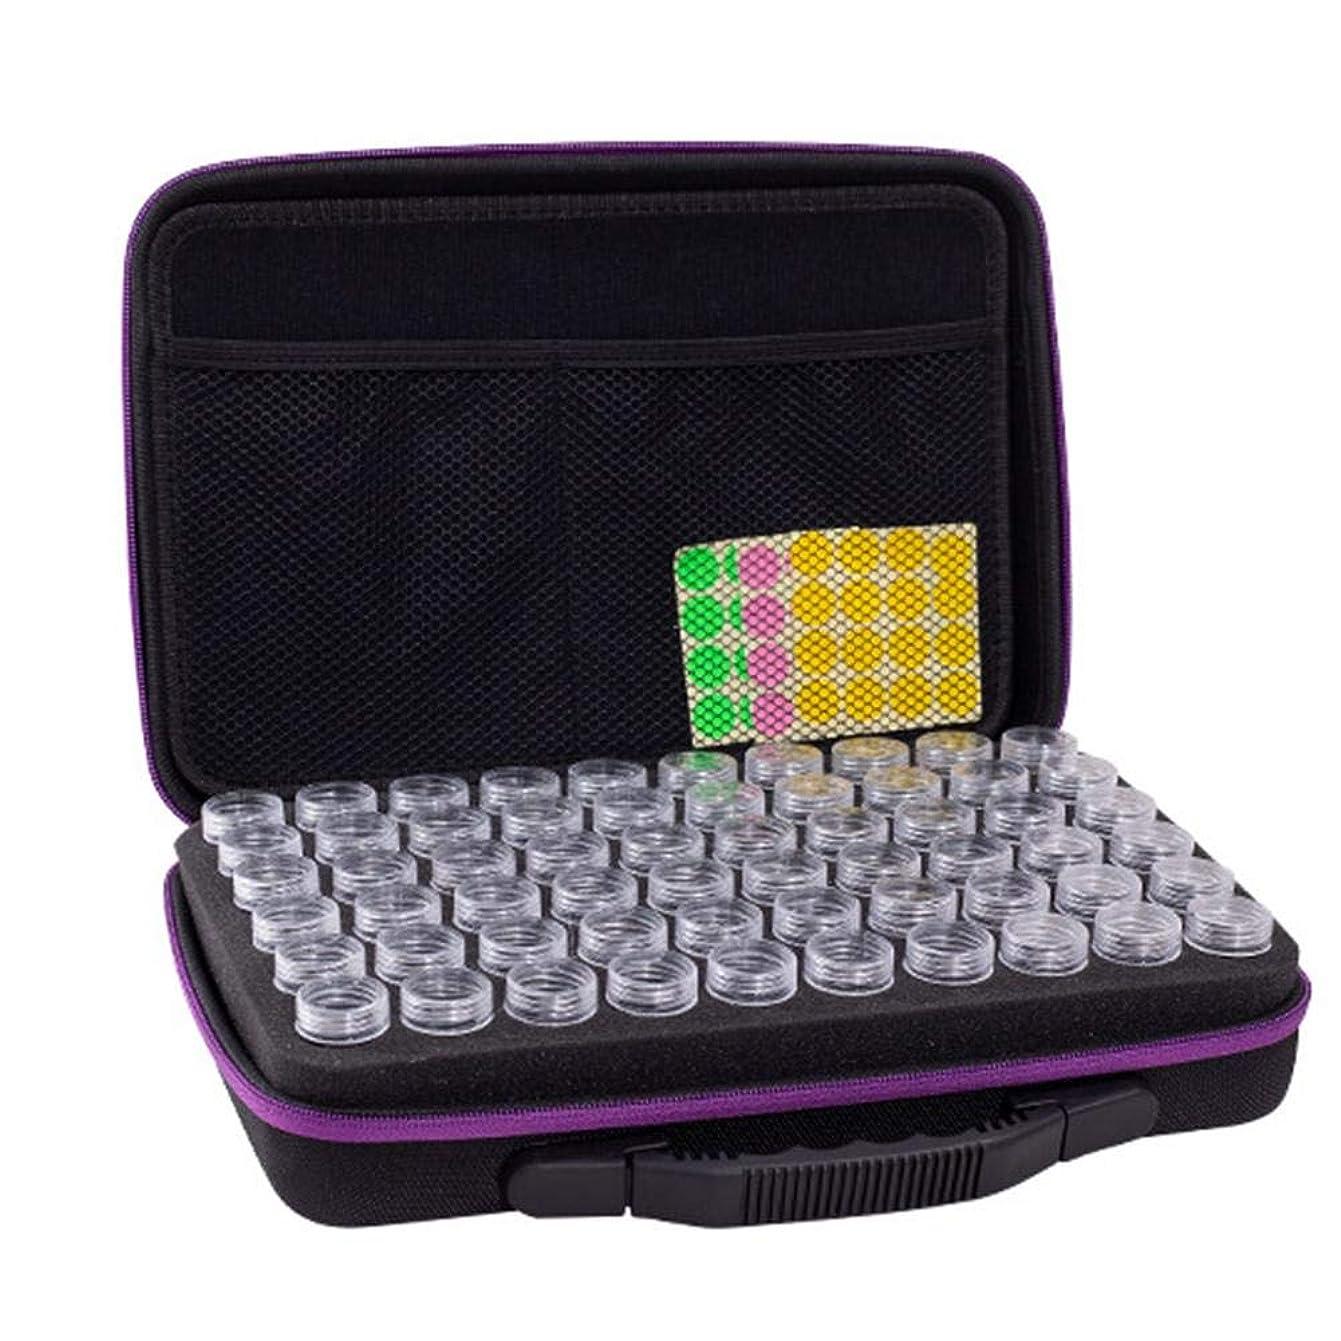 ギャングスターインフラブラインドアロマポーチ エッセンシャルオイル ケース 携帯用 アロマケース メイクポーチ 精油ケース 大容量 アロマセラピストポーチ 120本用 サイズ:32 22.5 8.5 CM